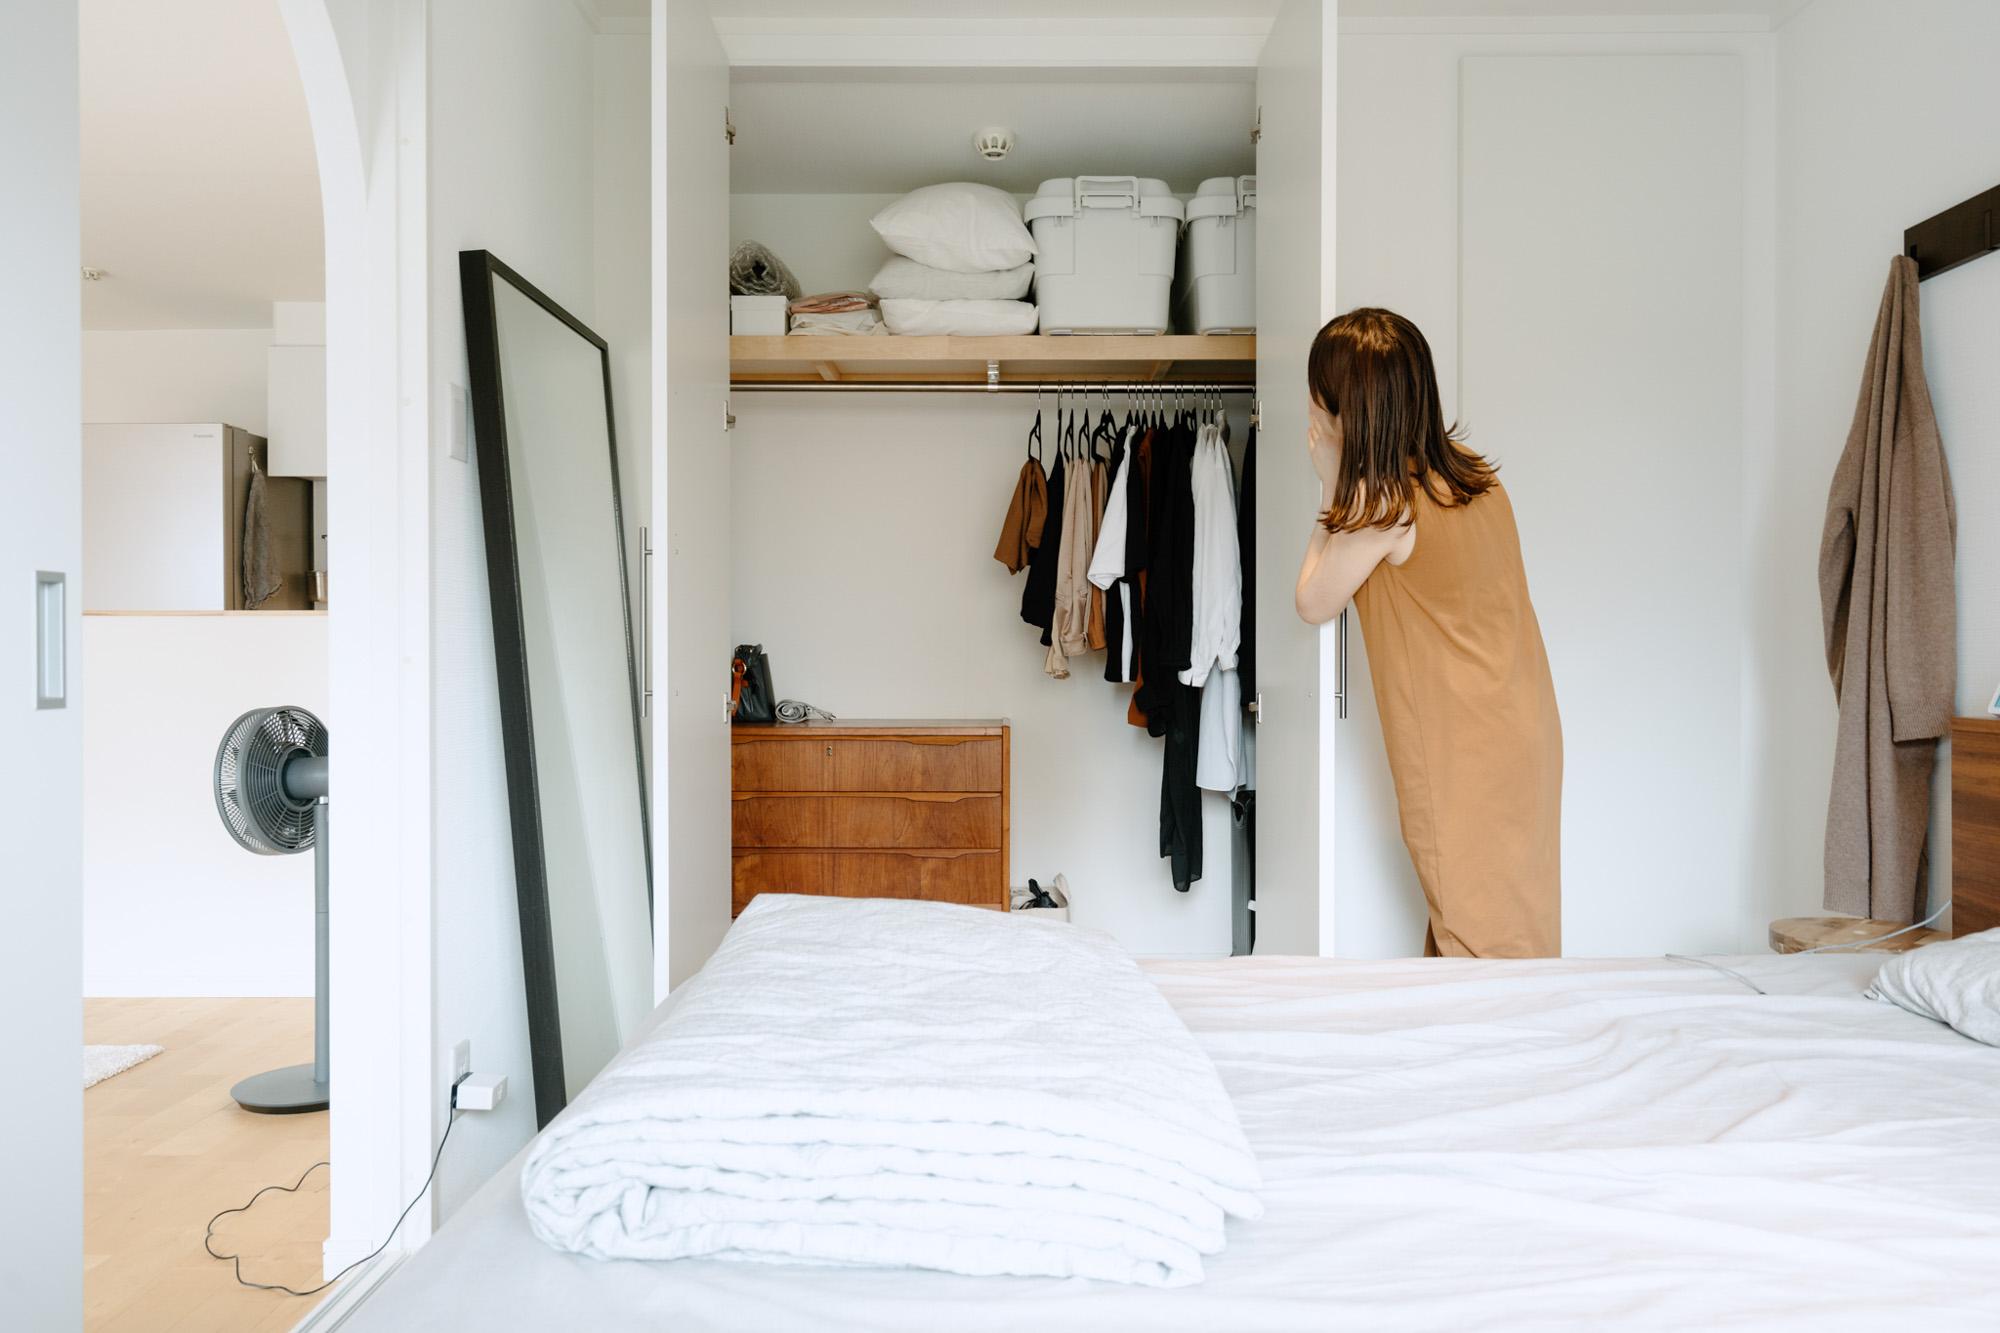 モノを増やさないポイントは収納家具や収納グッズは増やさず、収納スペースに入る分だけを本当に必要か吟味して買うようにすること。食器類も、キッチンのスペースにゆとりはありますが、あえて食器棚を置かずに、もともとの収納に入る分だけしか持ちません。